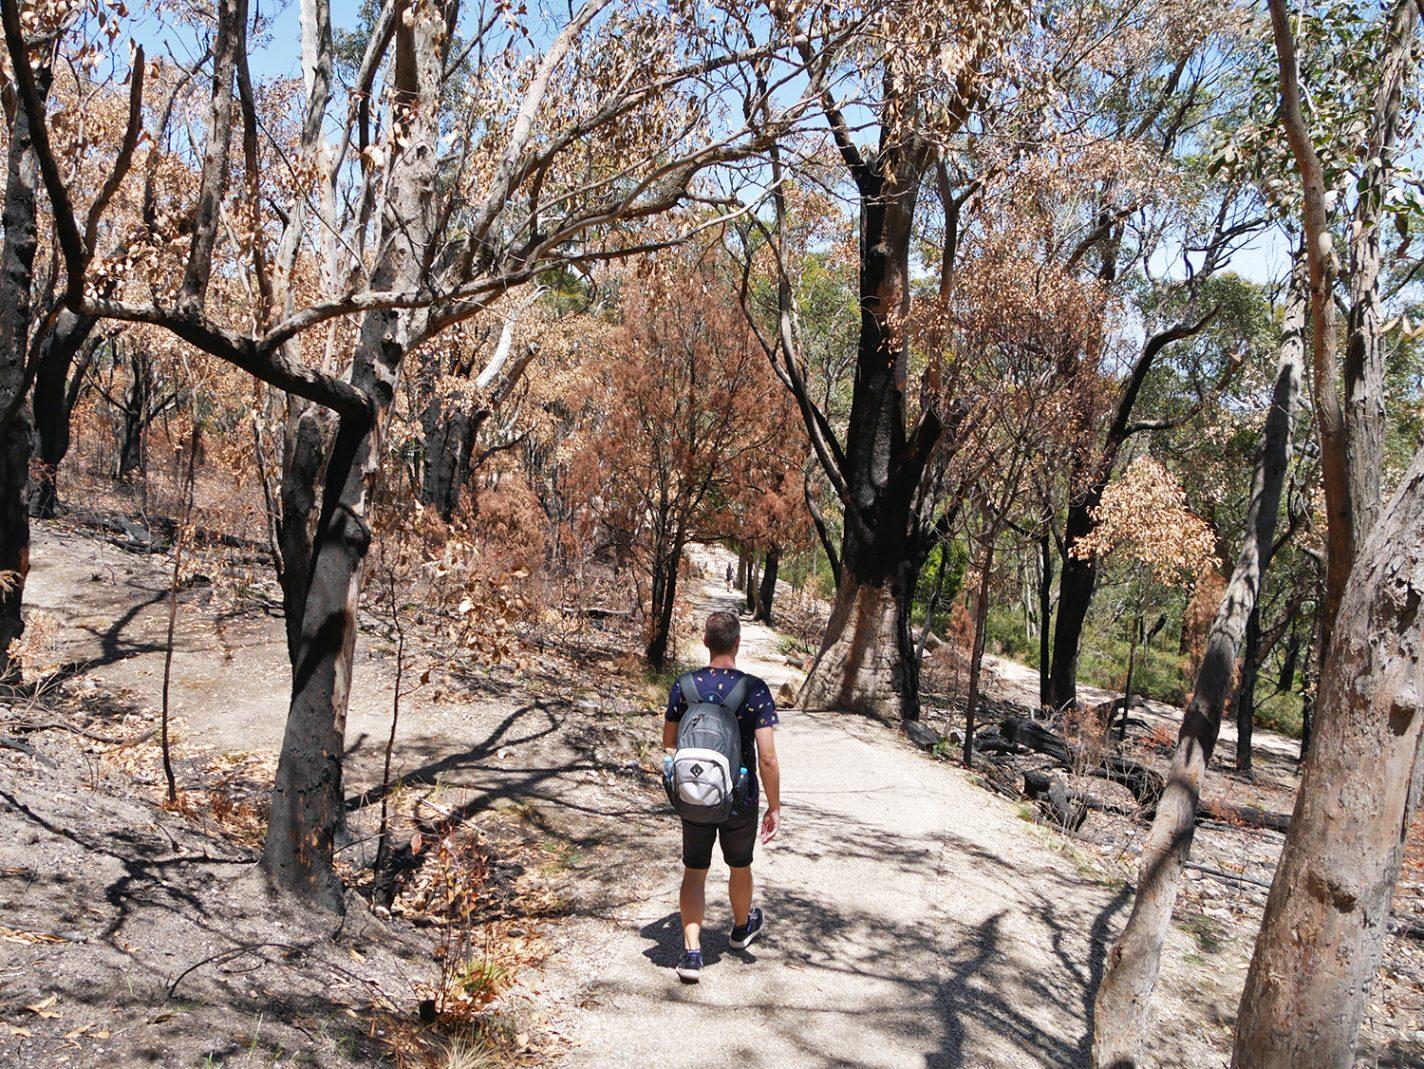 Een klein deel van dit gebied heeft een tijdje terug in brand gestaan - Mount Lofty